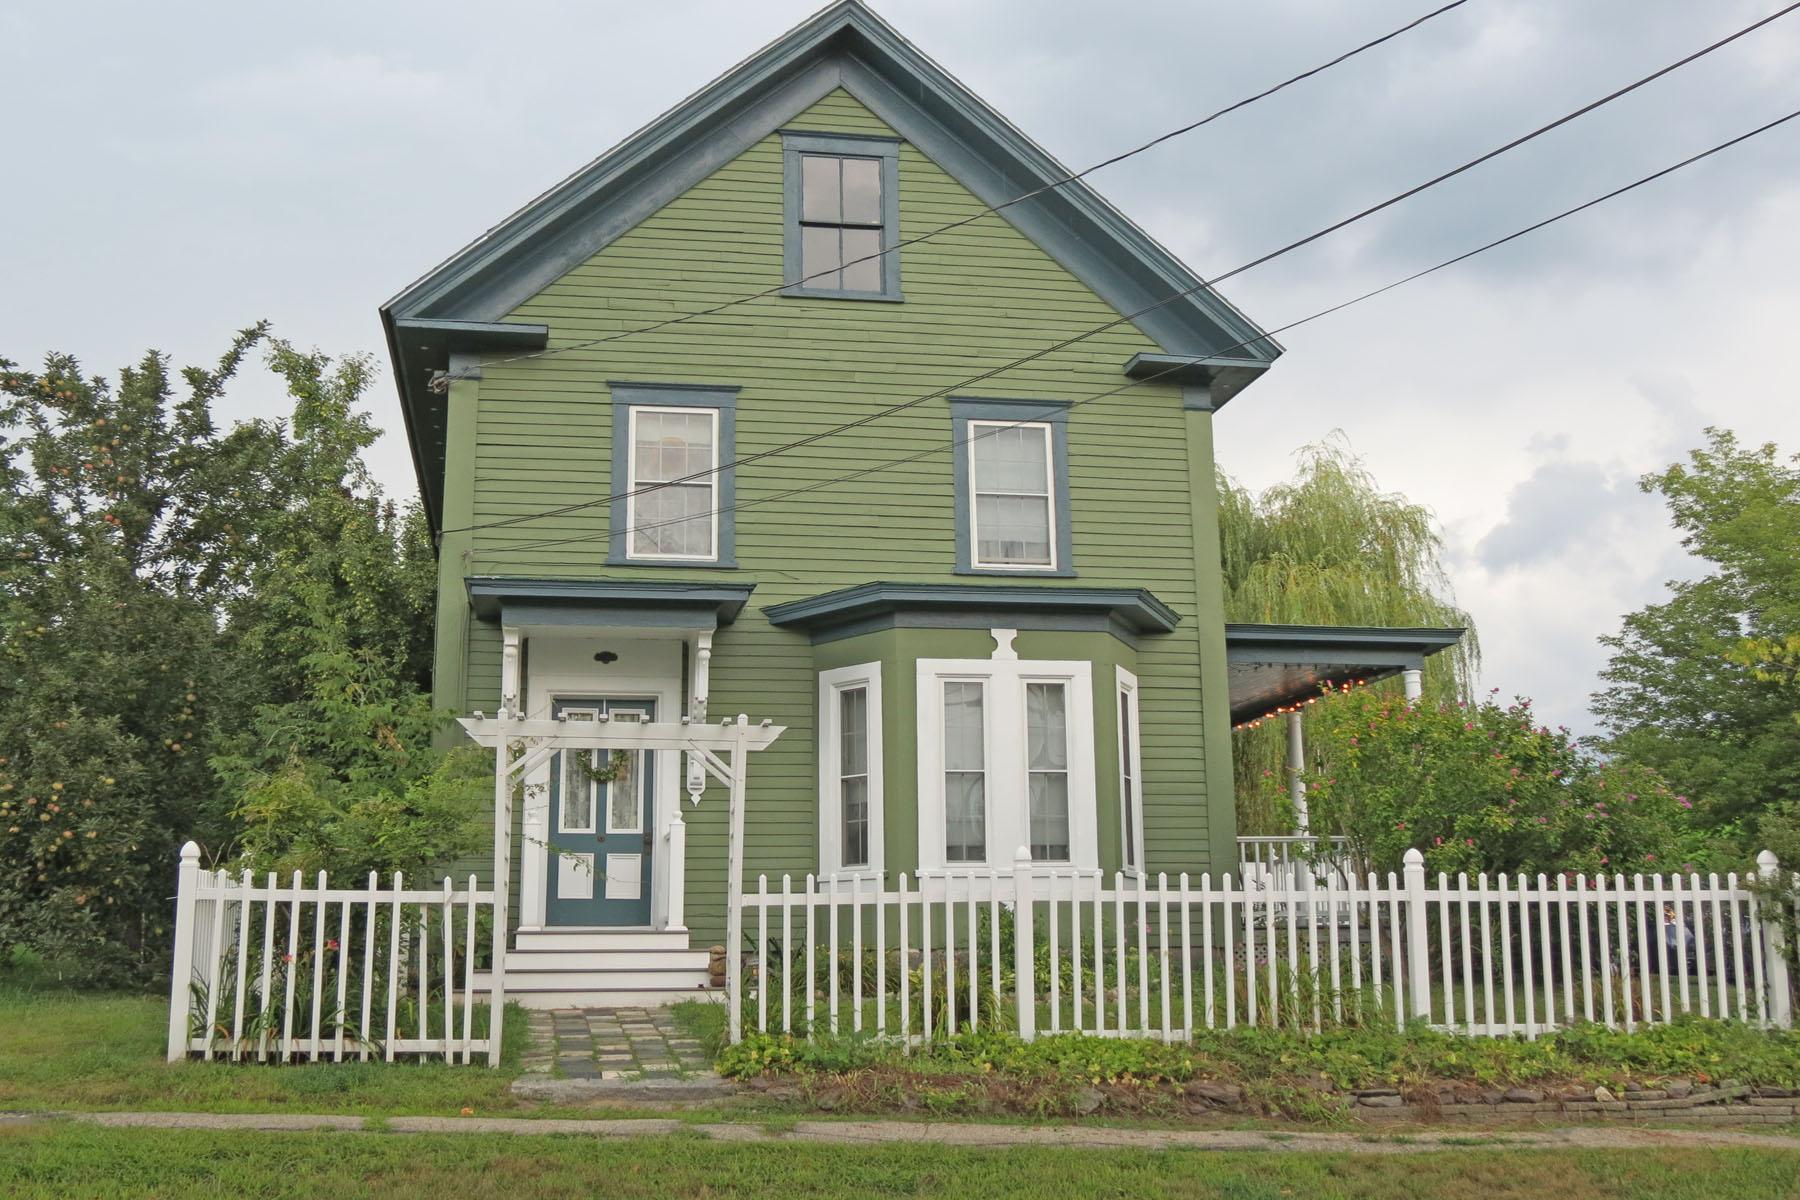 Частный односемейный дом для того Продажа на 18 Depot, Hillsborough Hillsborough, Нью-Гэмпшир, 03244 Соединенные Штаты